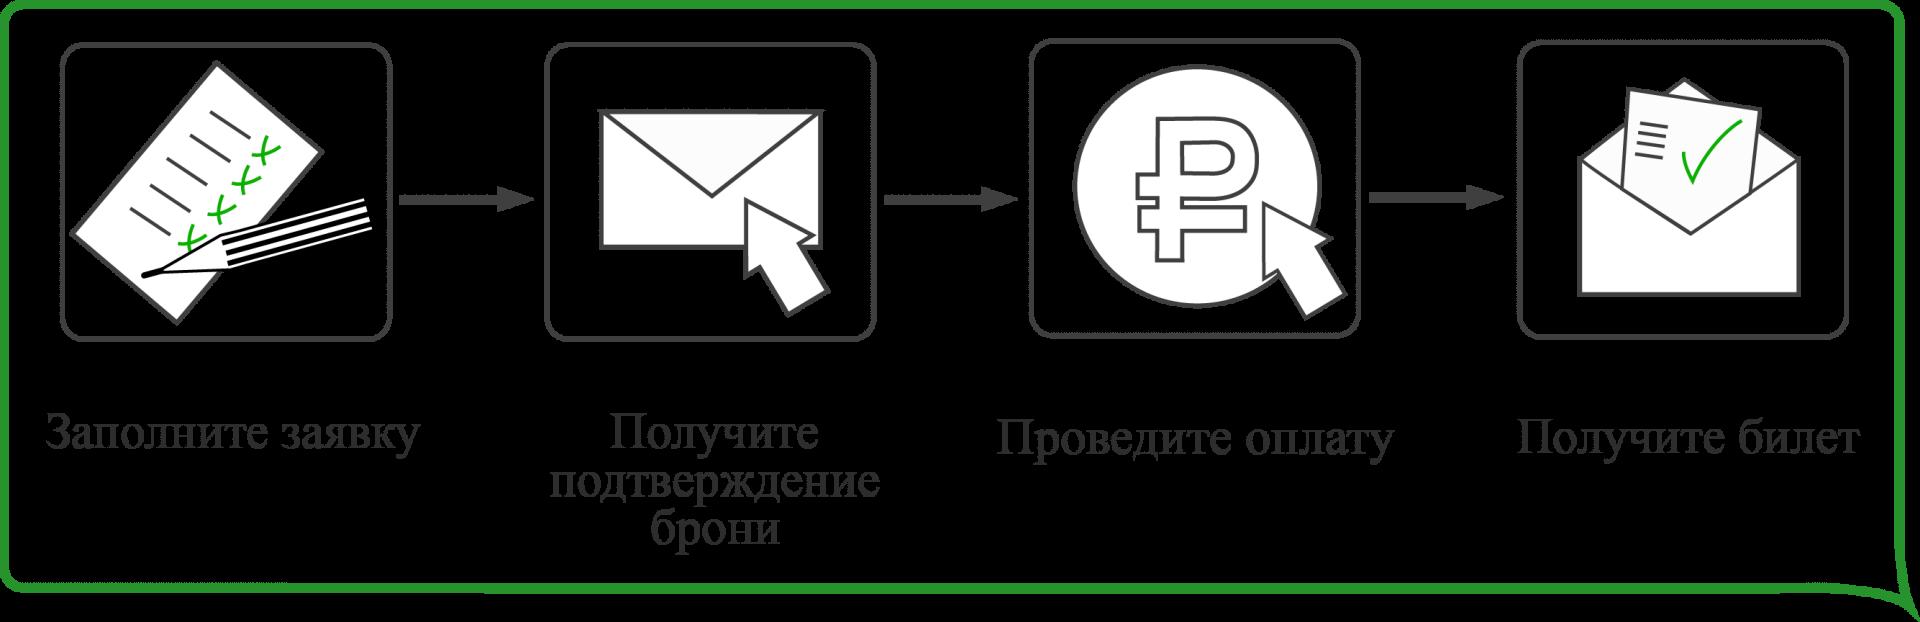 инфографика заявки-заказа билета на водную экскурсию или прогулку по рекам и каналам в Санкт-Петербурге